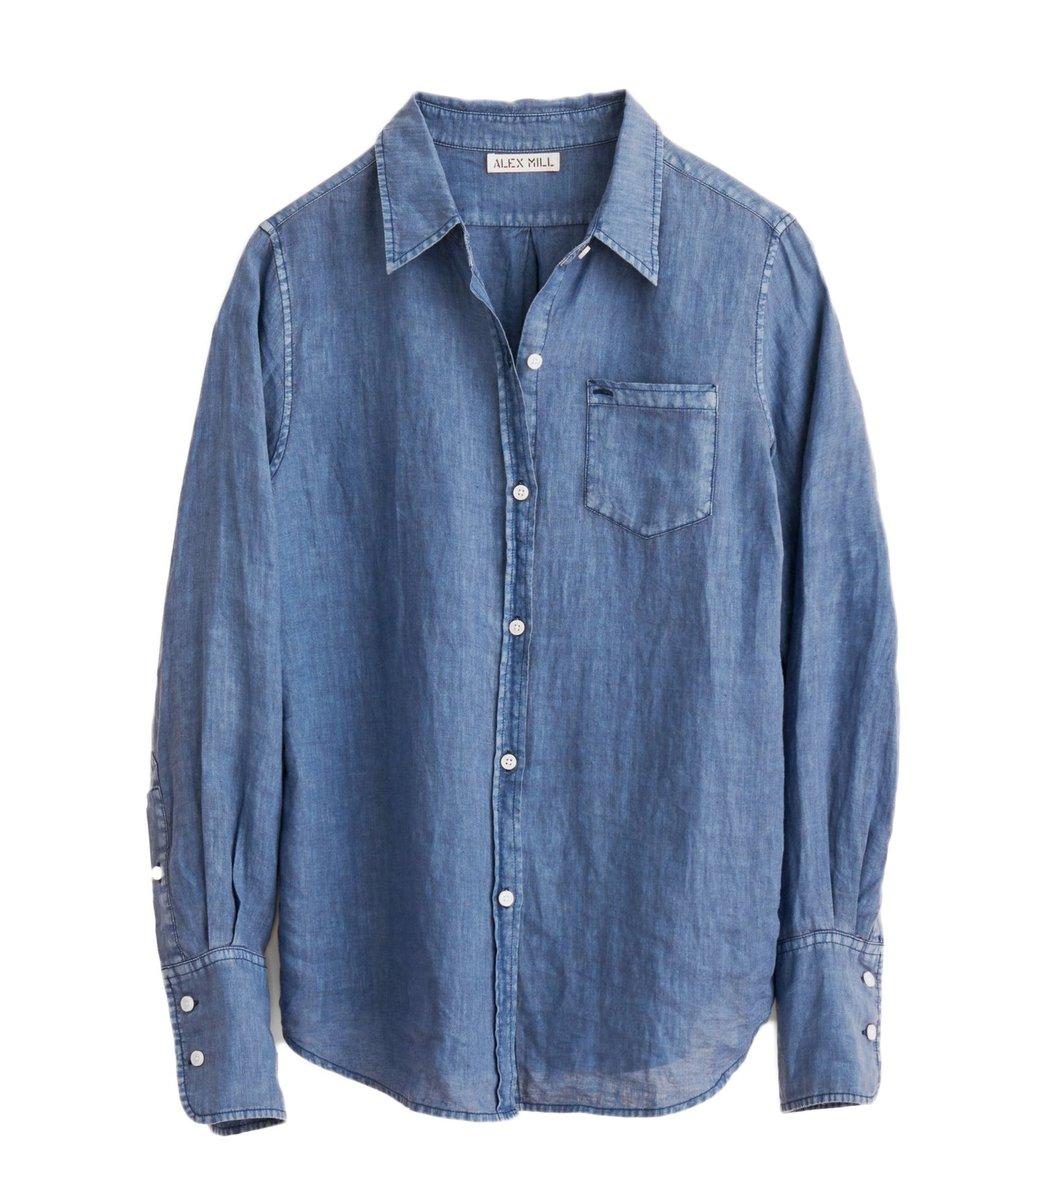 Alex Mill Linen Standard Shirt in Indigo